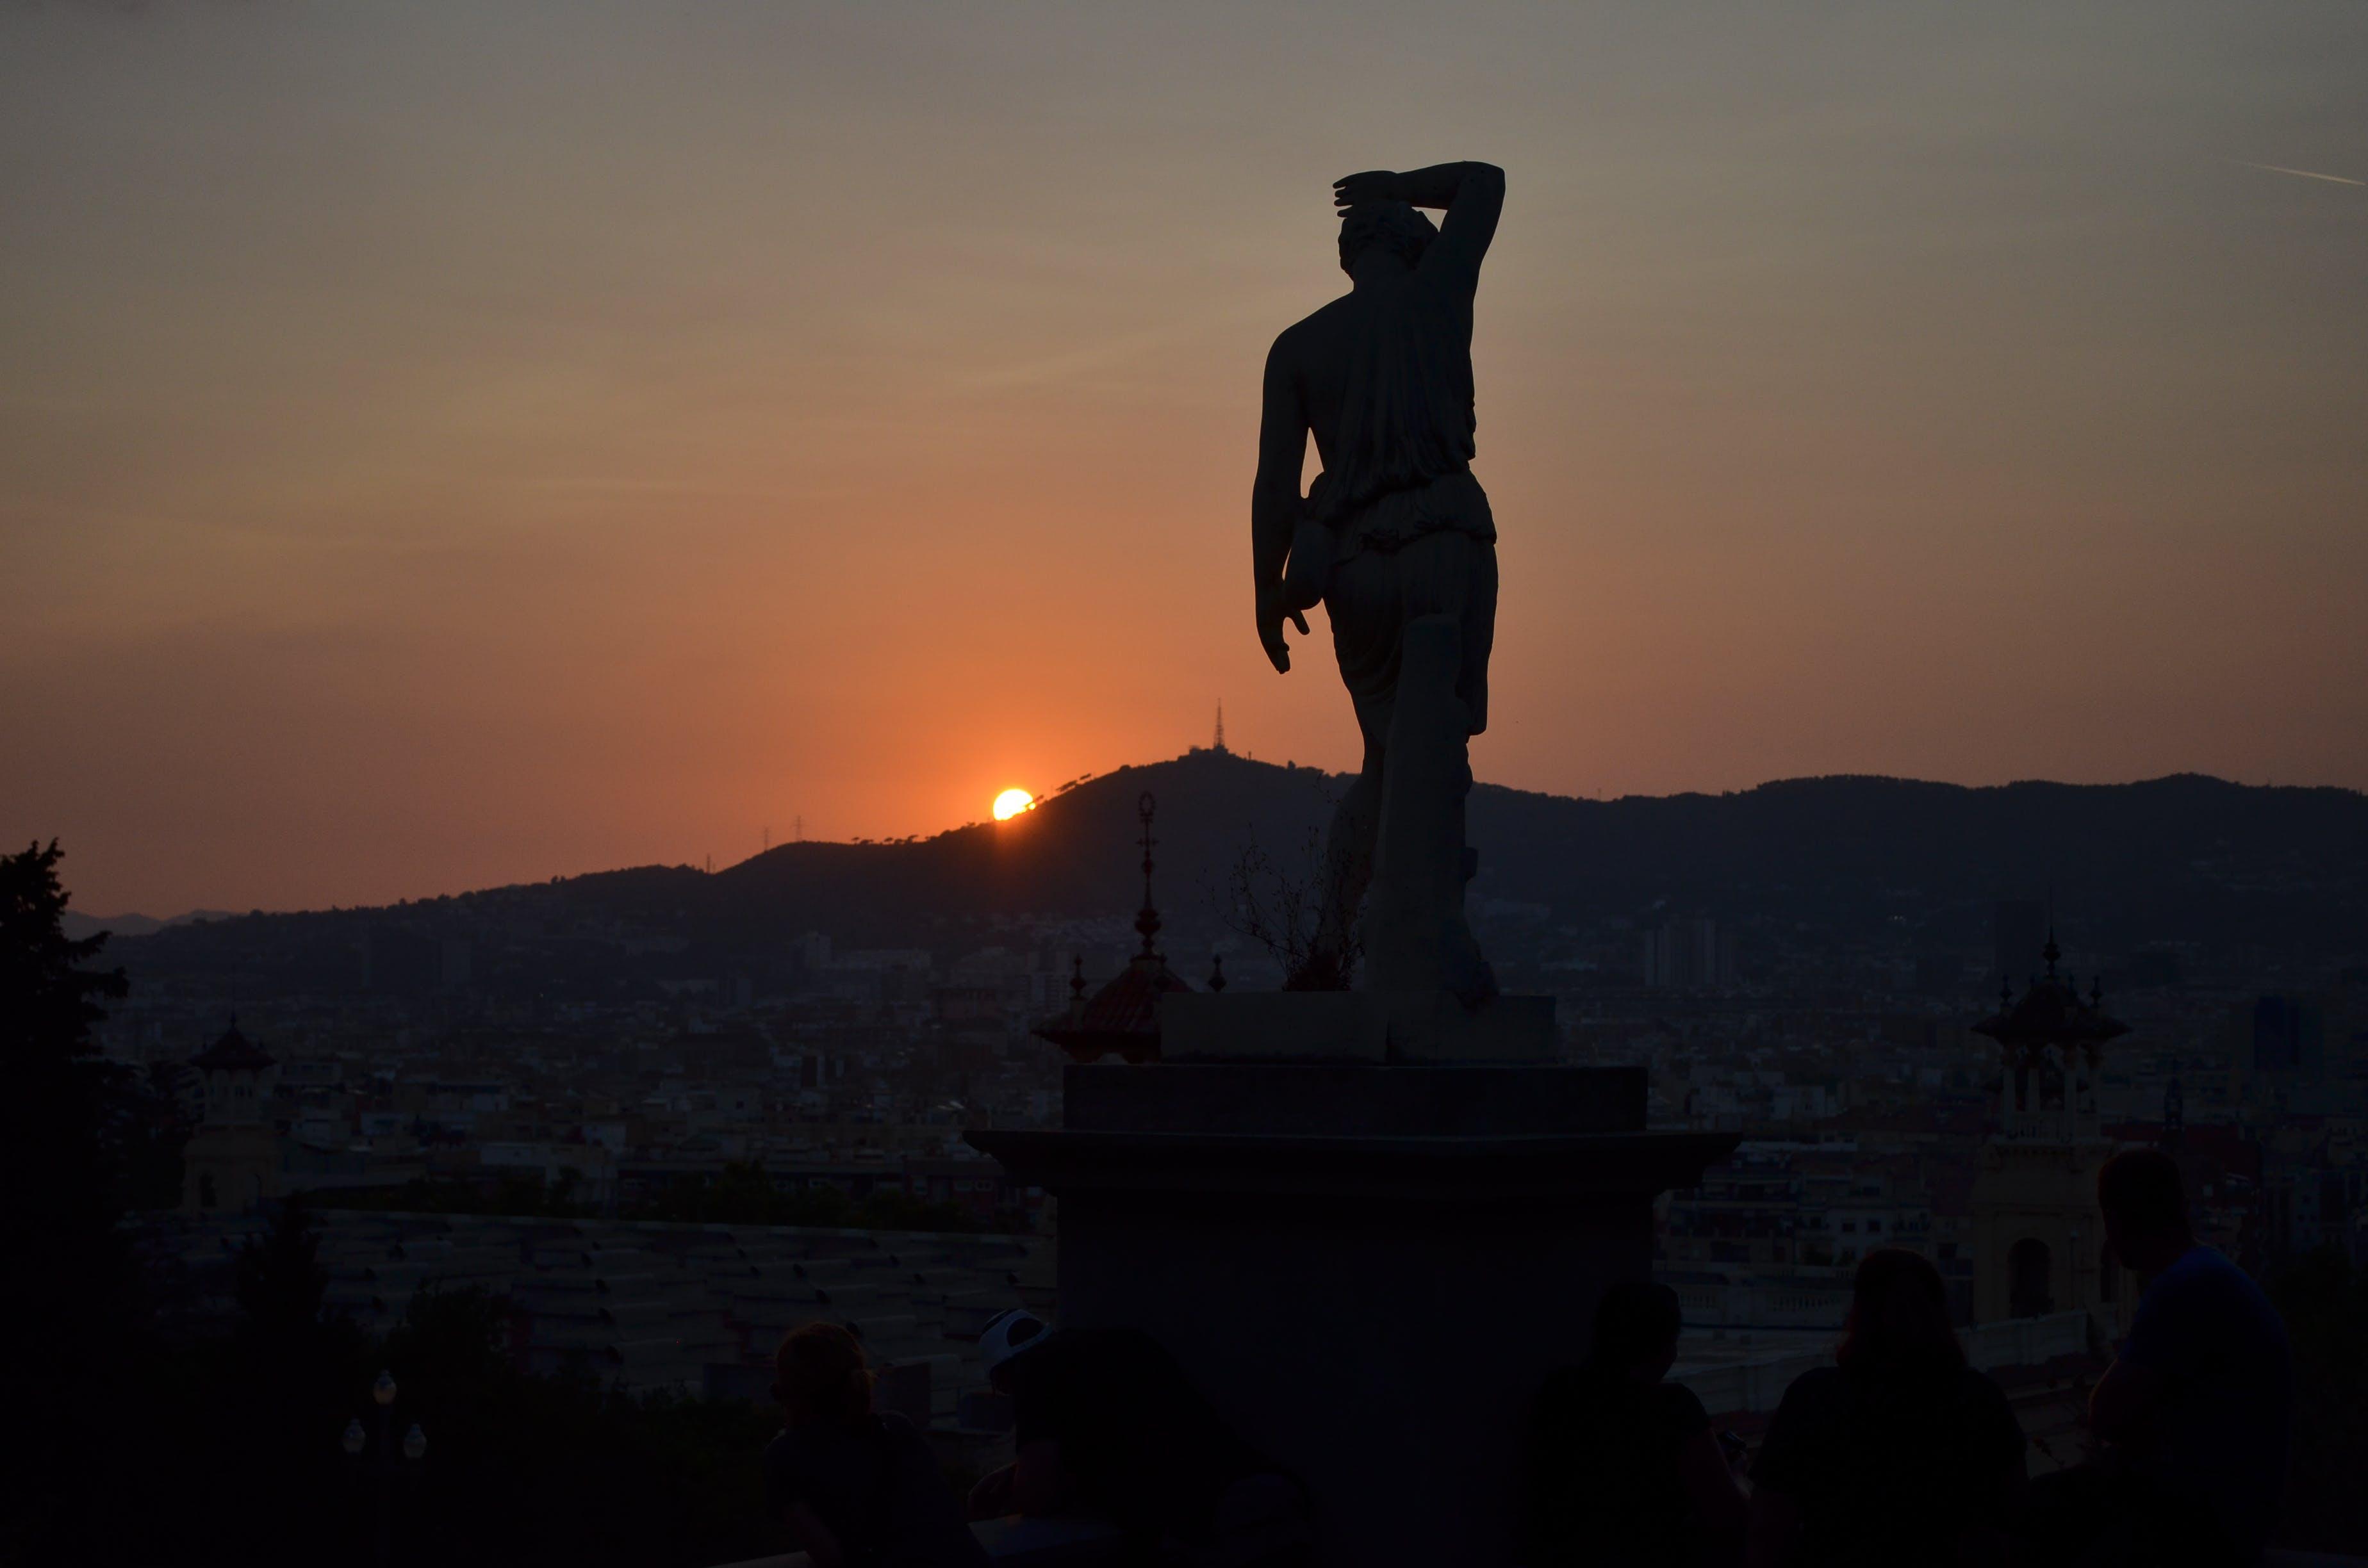 Δωρεάν στοκ φωτογραφιών με απόγευμα, Βαρκελώνη, βουνό, δύση του ηλίου